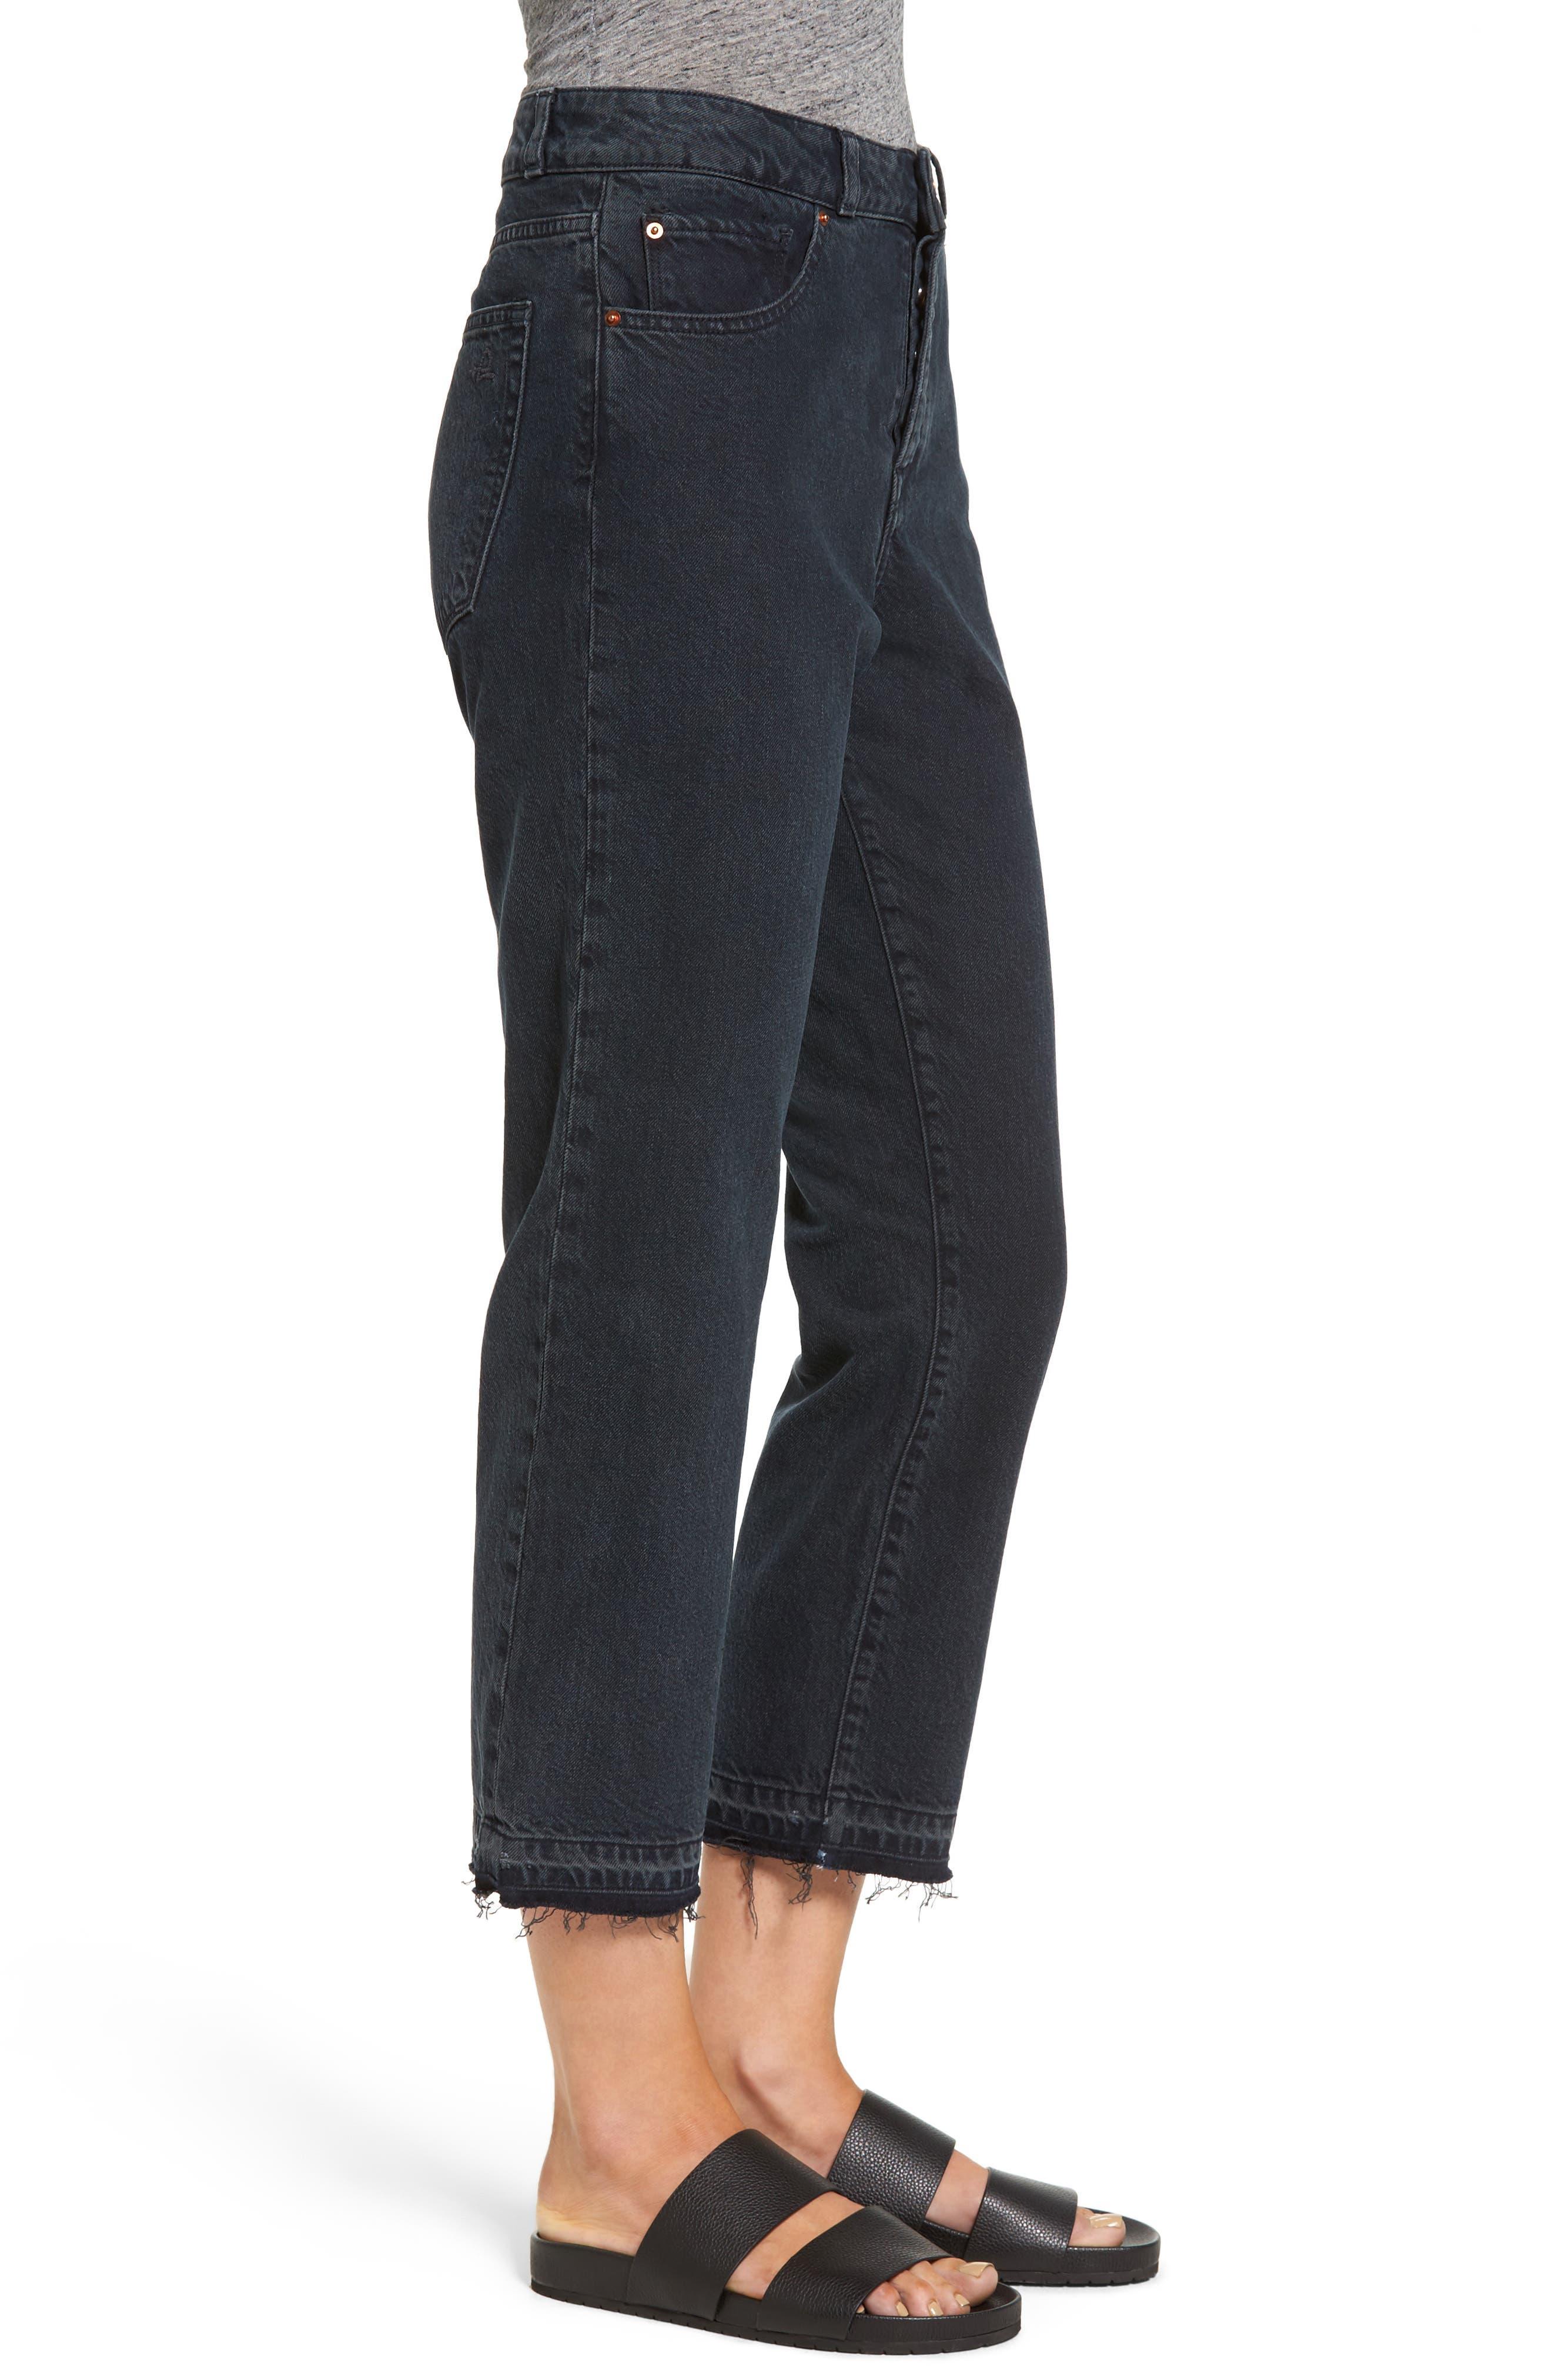 Patti High Rise Straight Leg Jeans,                             Alternate thumbnail 3, color,                             002